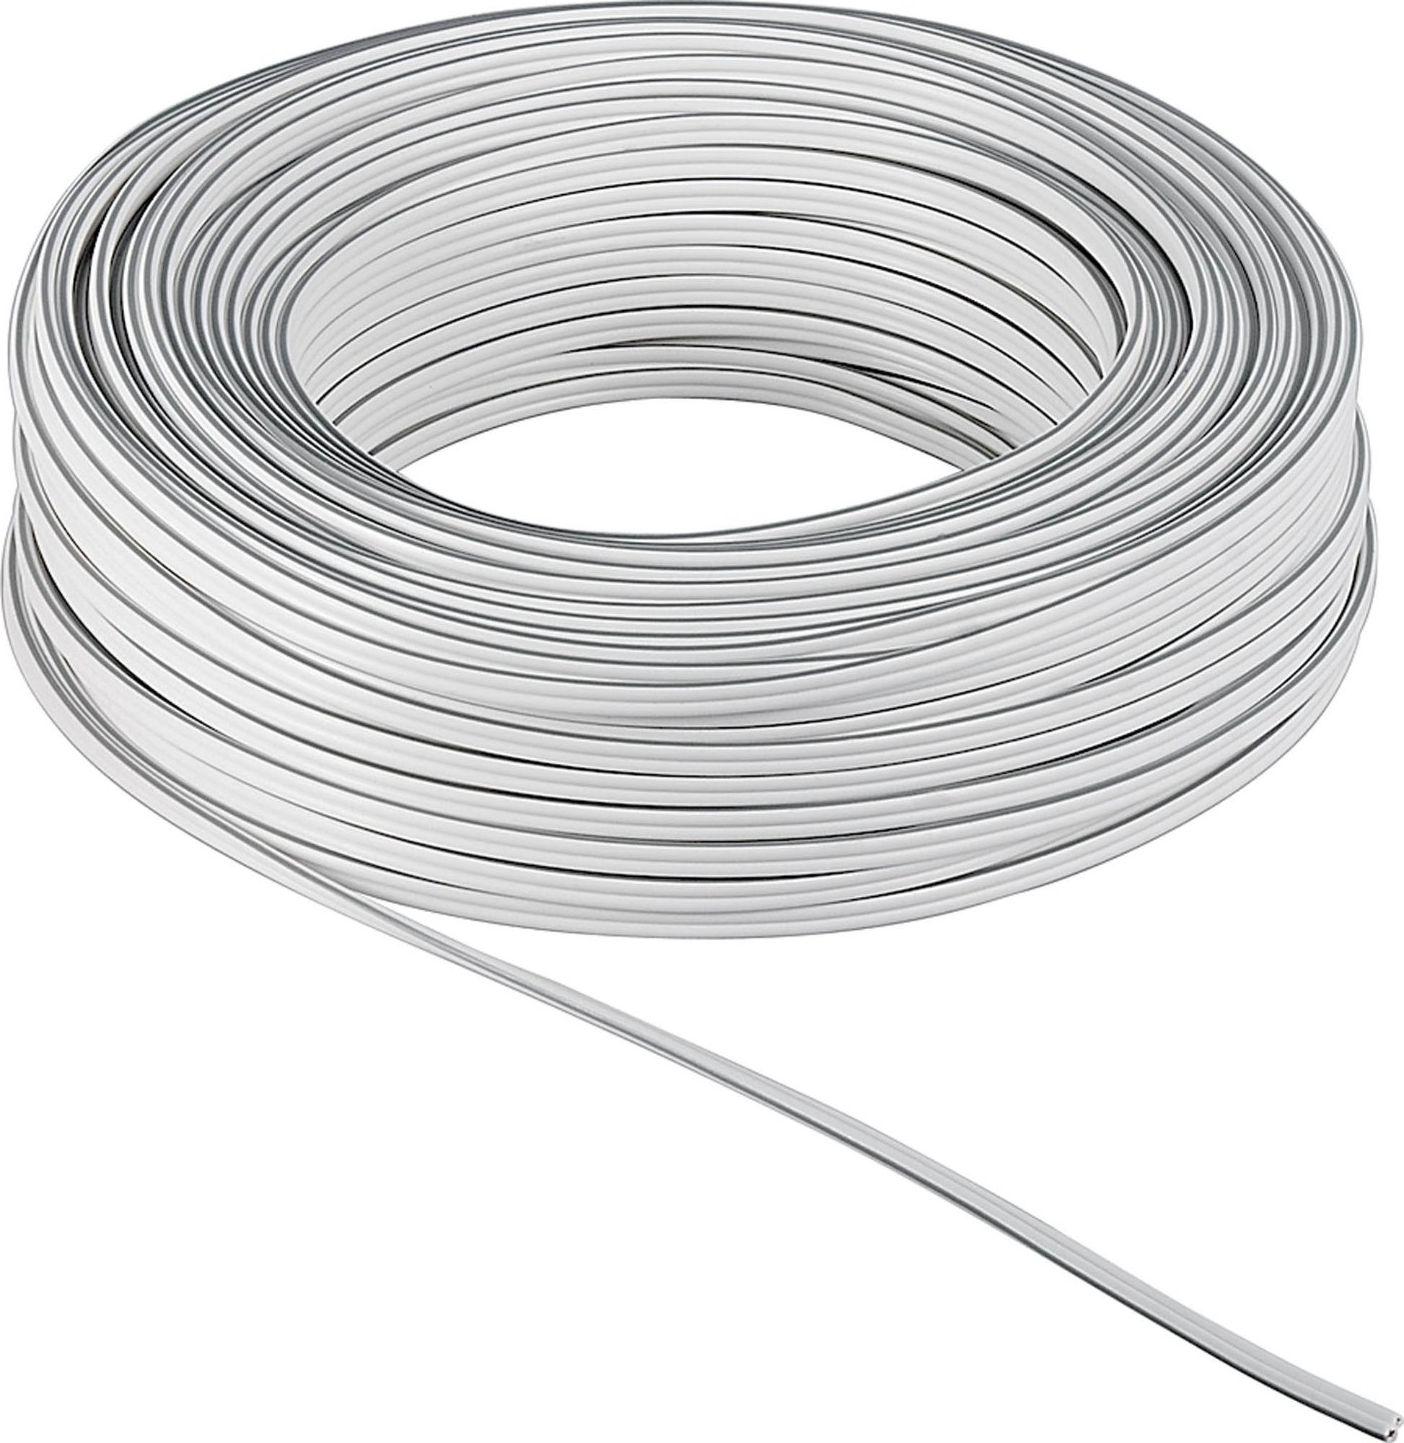 Przewód Goobay kabel do głośników, 10m,  2x 0.75 mm, biały  (15112) Darmowy odbiór w 19 miastach! - ŁowcyCen.pl